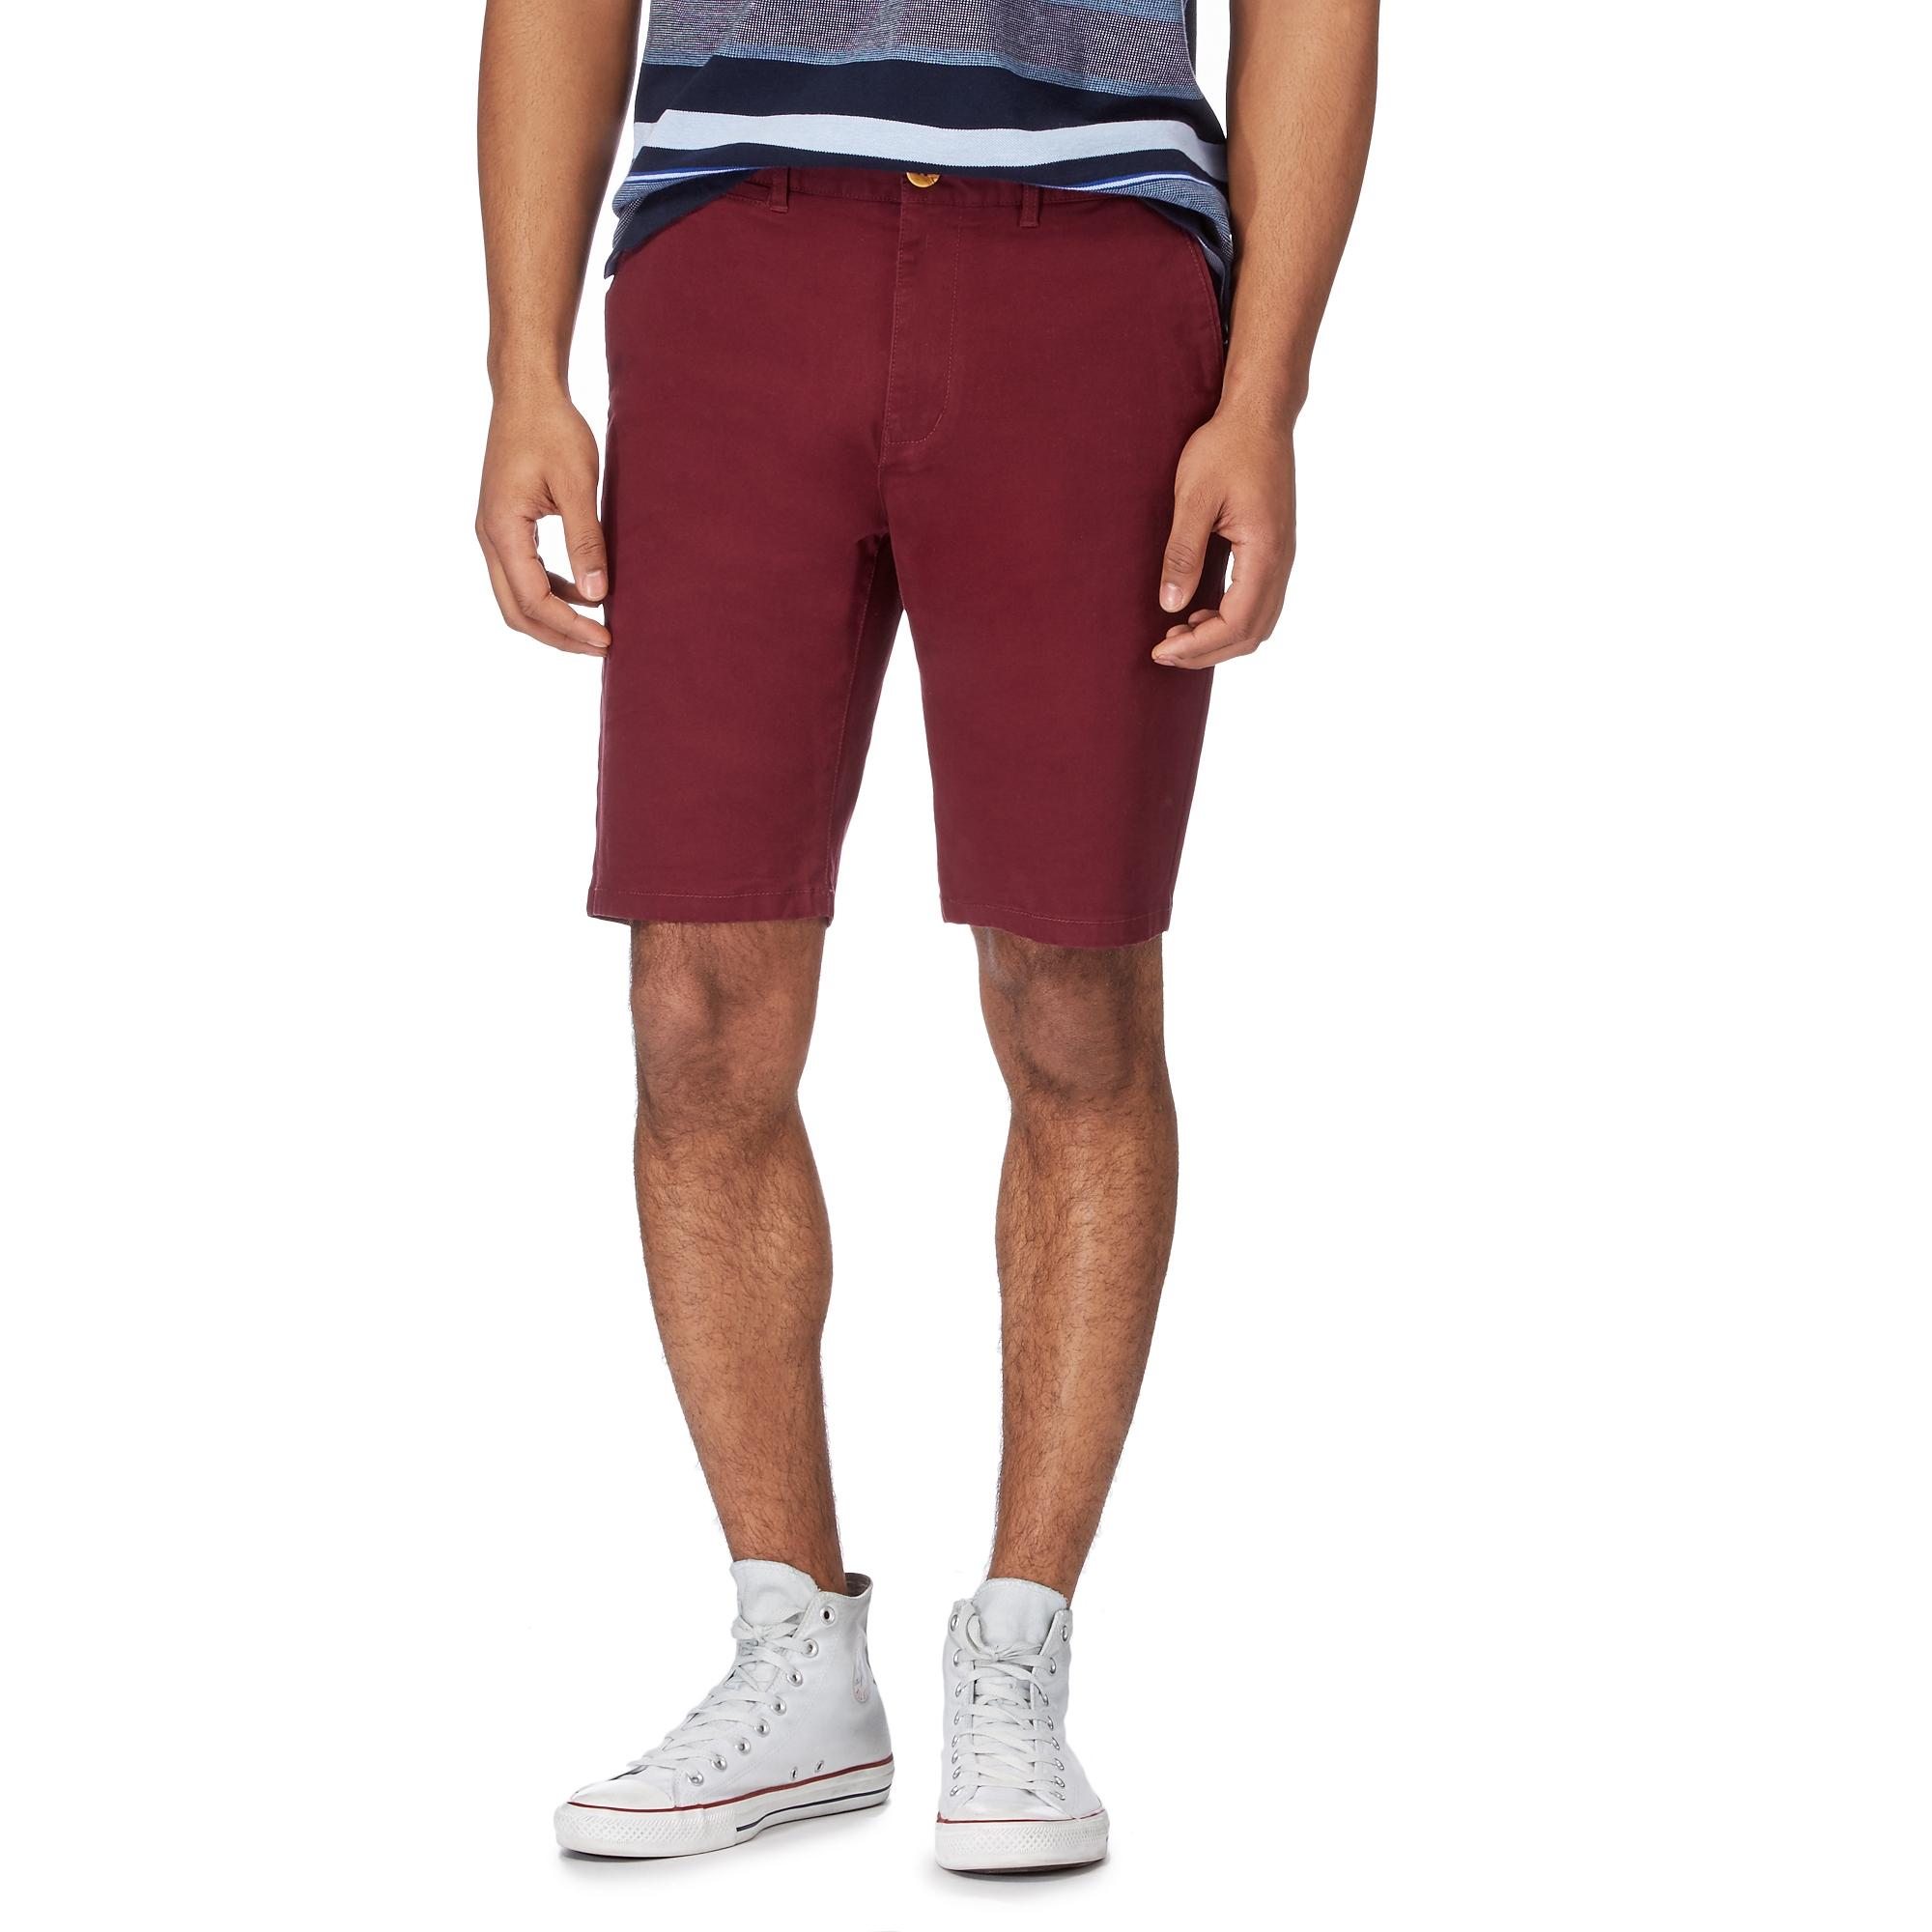 Racing Green shorts